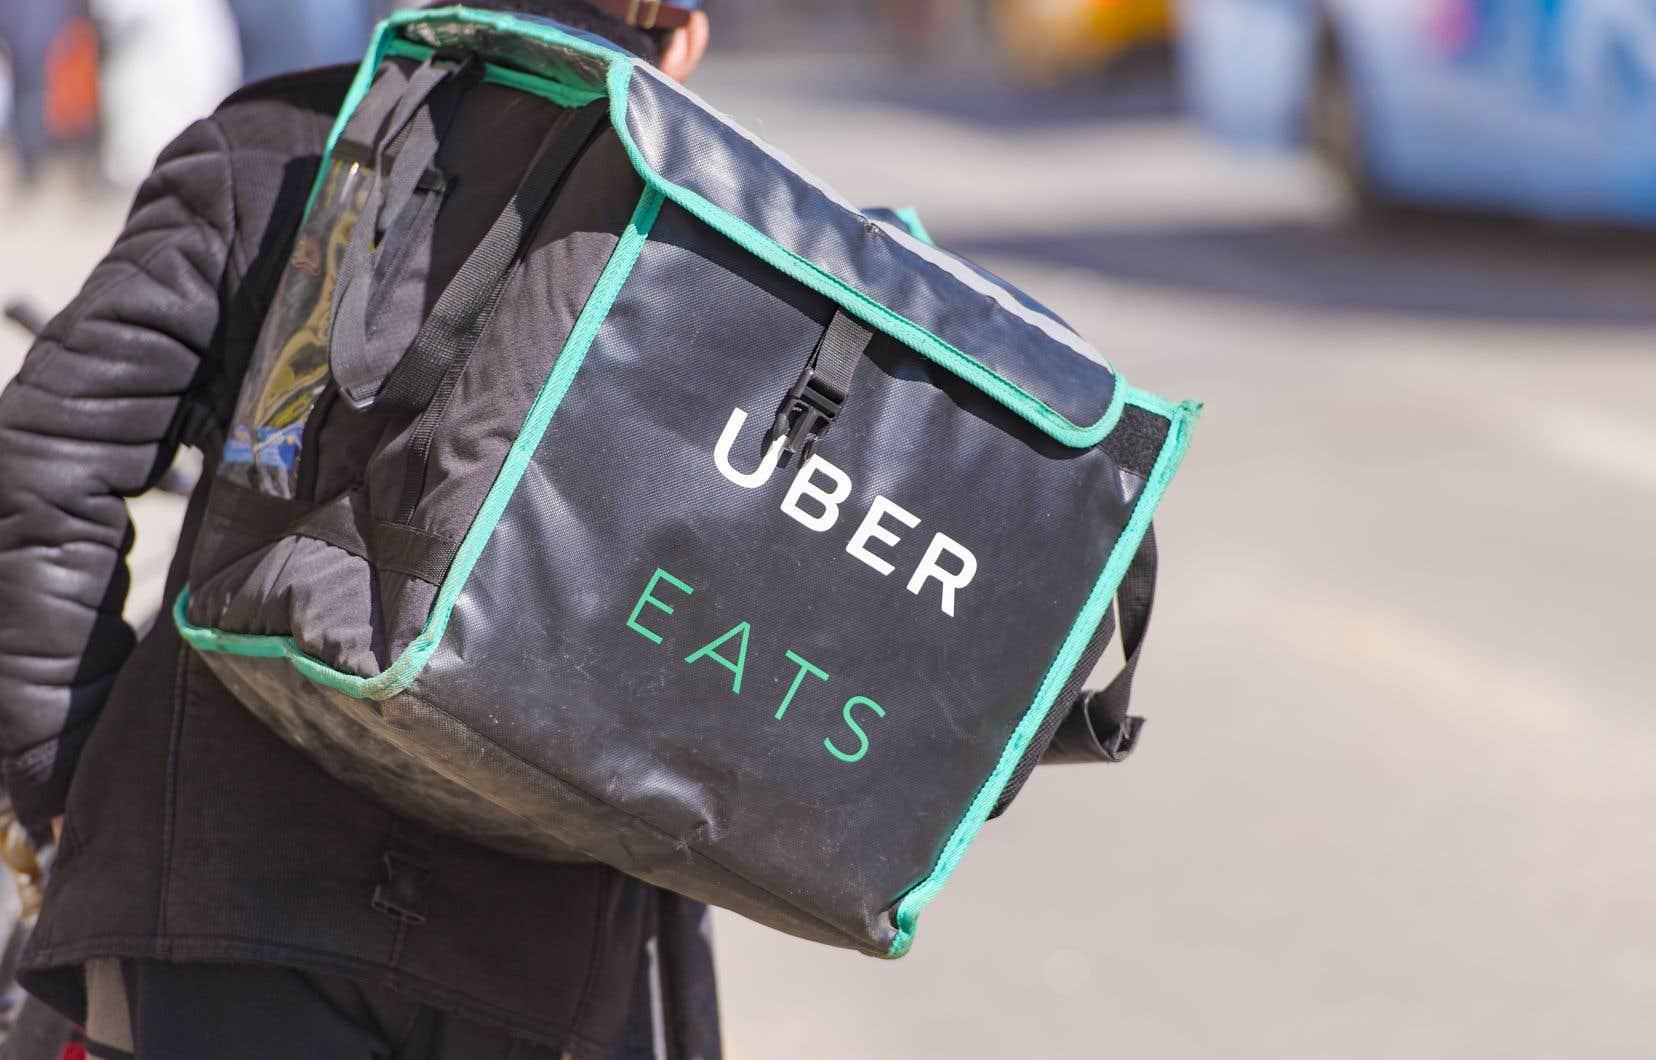 L'offre d'Uber Eats au Canada sera modifiée, assure son président, Dan Park.